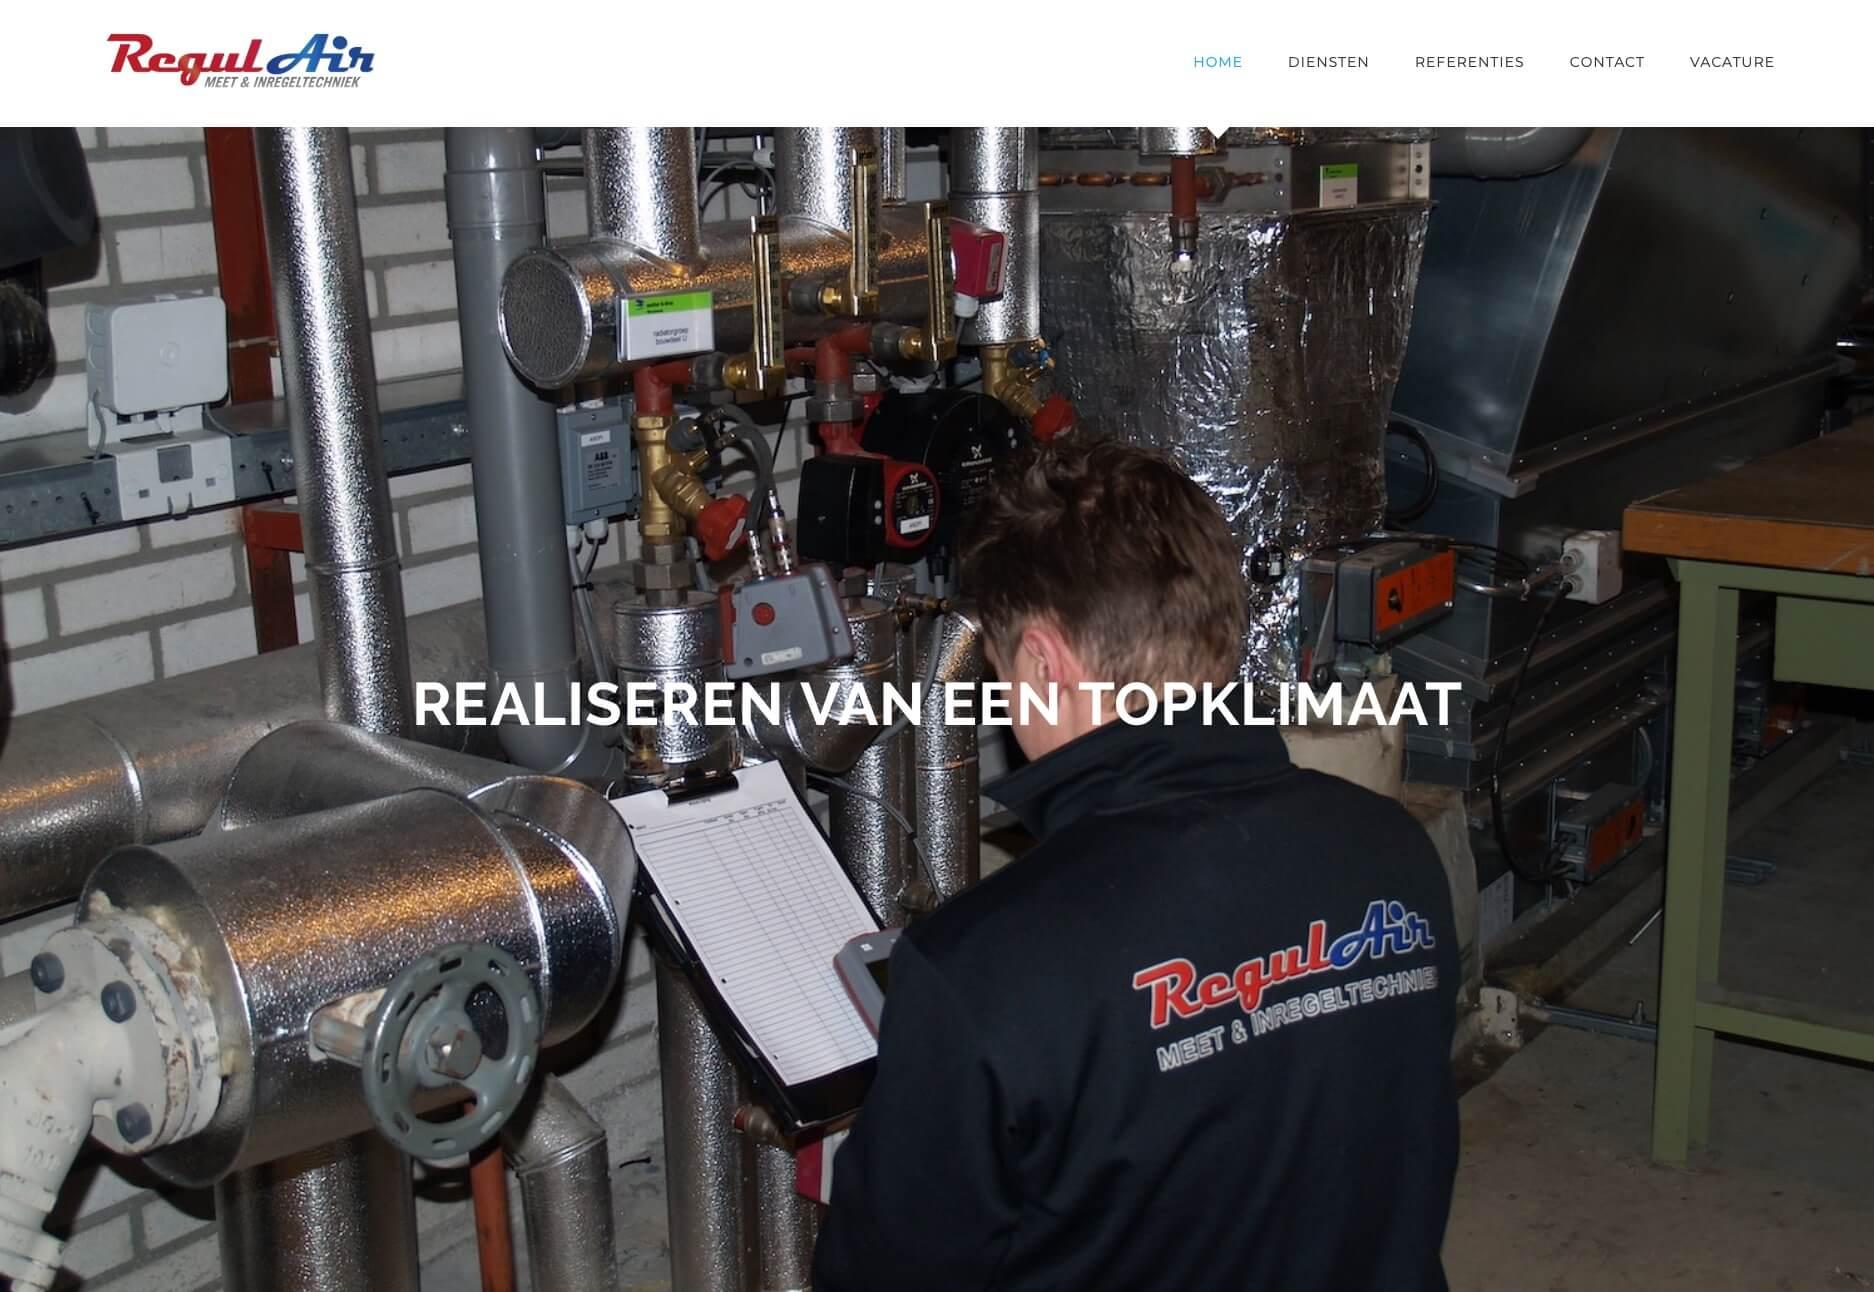 Regulair - Meet- en minregeltechniek - Website realisatie: Obvious Media